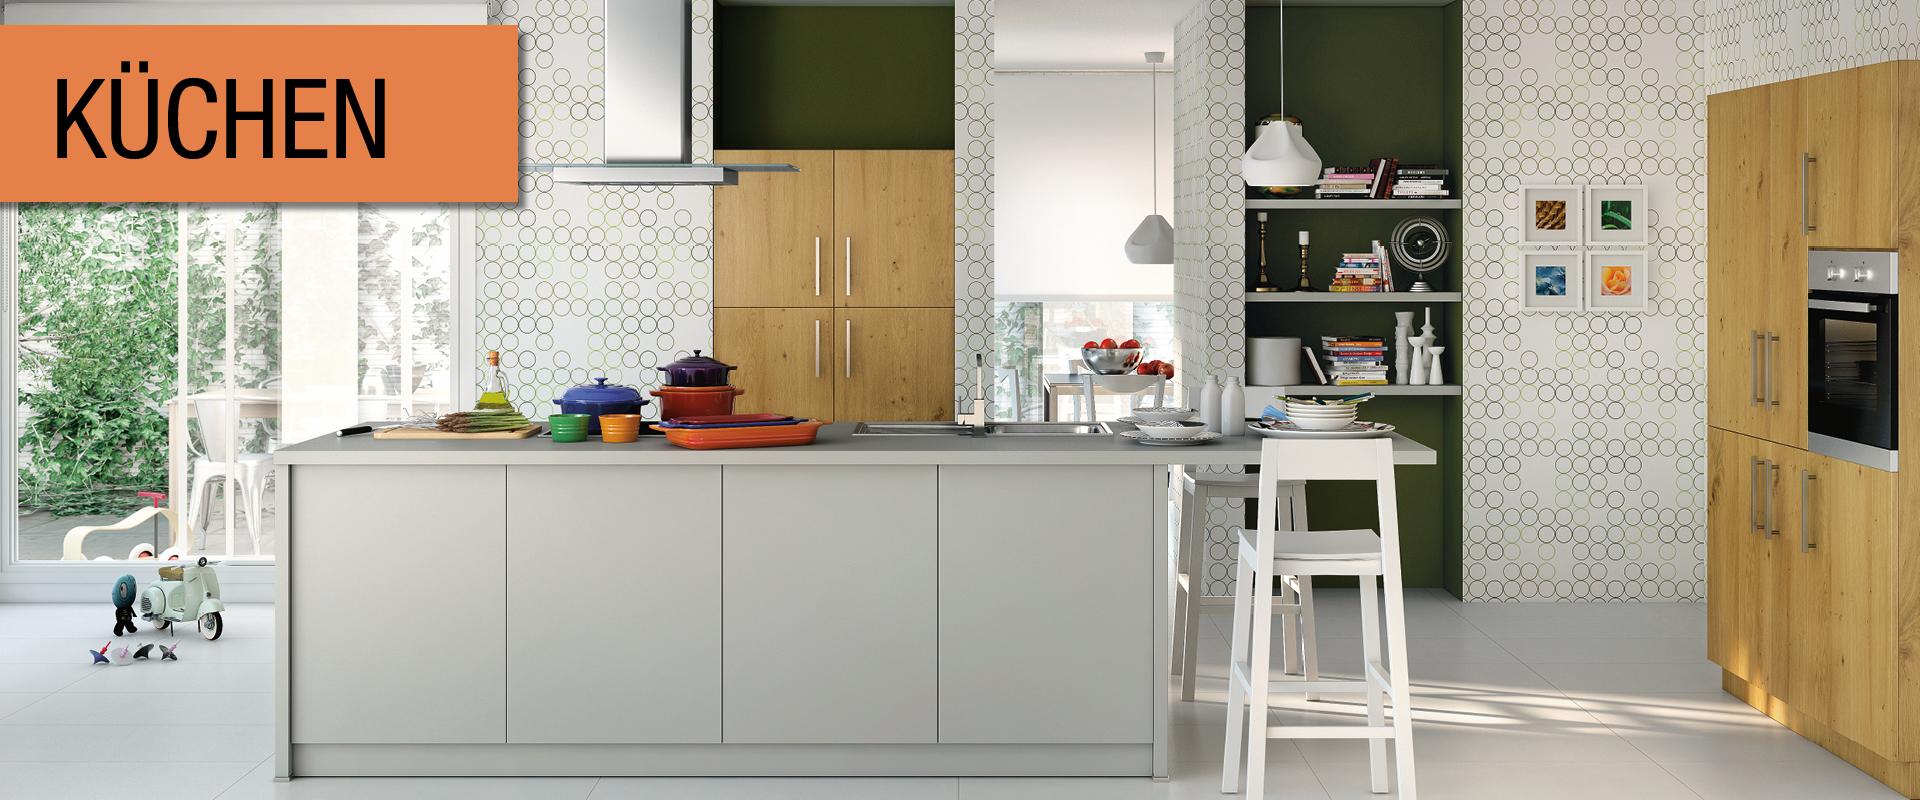 Full Size of Küche Zweifarbig Günstig Kaufen Edelstahlküche Gebraucht Alno Ebay Einbauküche Singleküche Mit Kühlschrank Lüftungsgitter Weiß Hochglanz Komplette Auf Wohnzimmer Küche Zweifarbig